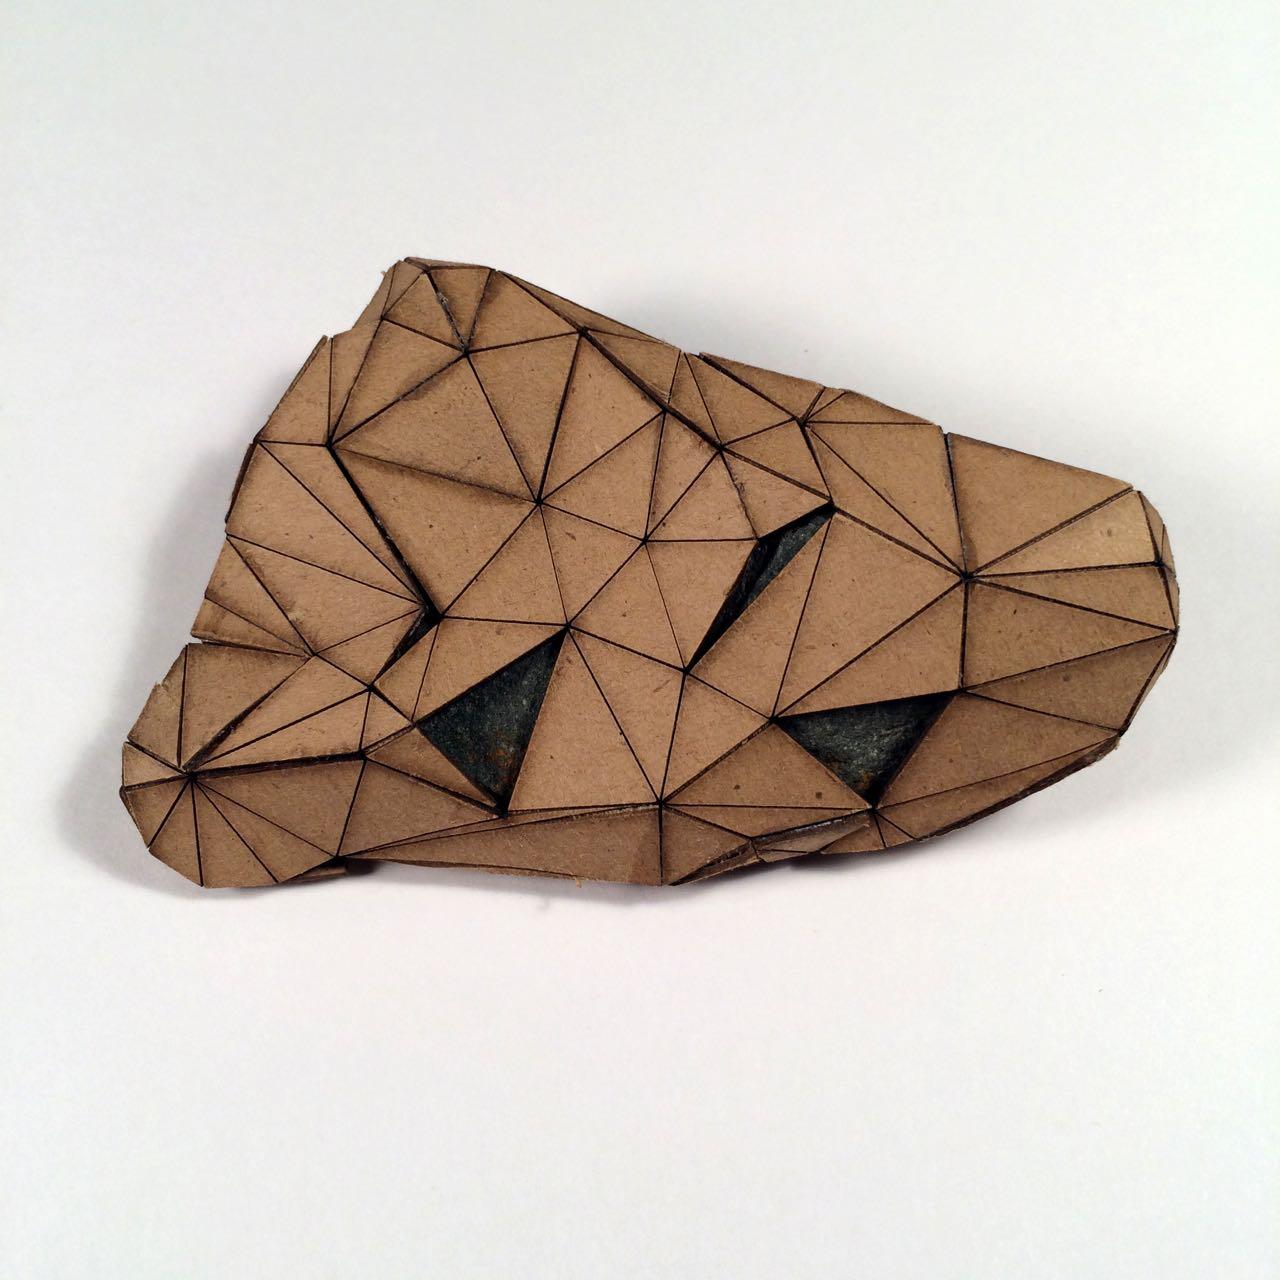 (Back view) 006 - Boxes For Rocks, laser cut cardboard, found rocks, glue, 12cm x 8.5cm x 3cm (flatish), 2012, 250 CAD